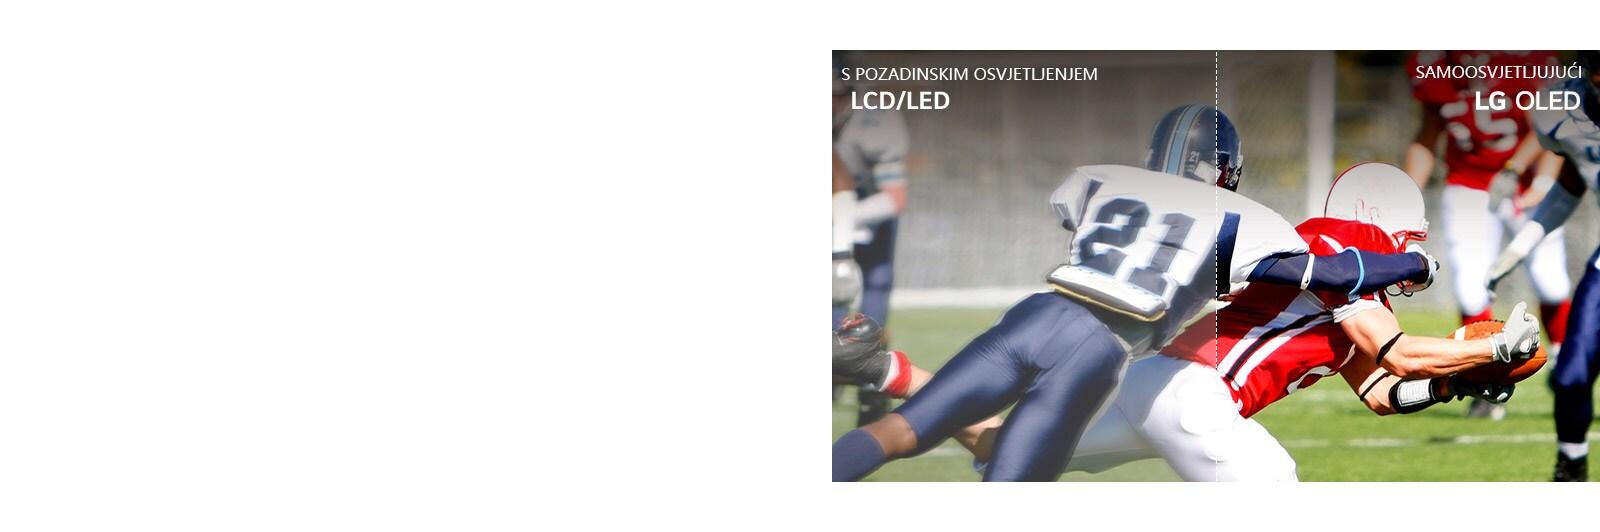 Scena iz nogometne utakmice, polovica je prikazana na televizoru LCD/LED uz mutnu kvalitetu slike, dok je druga polovica prikazana na televizoru OLED TV uz jasnu kvalitetu slike